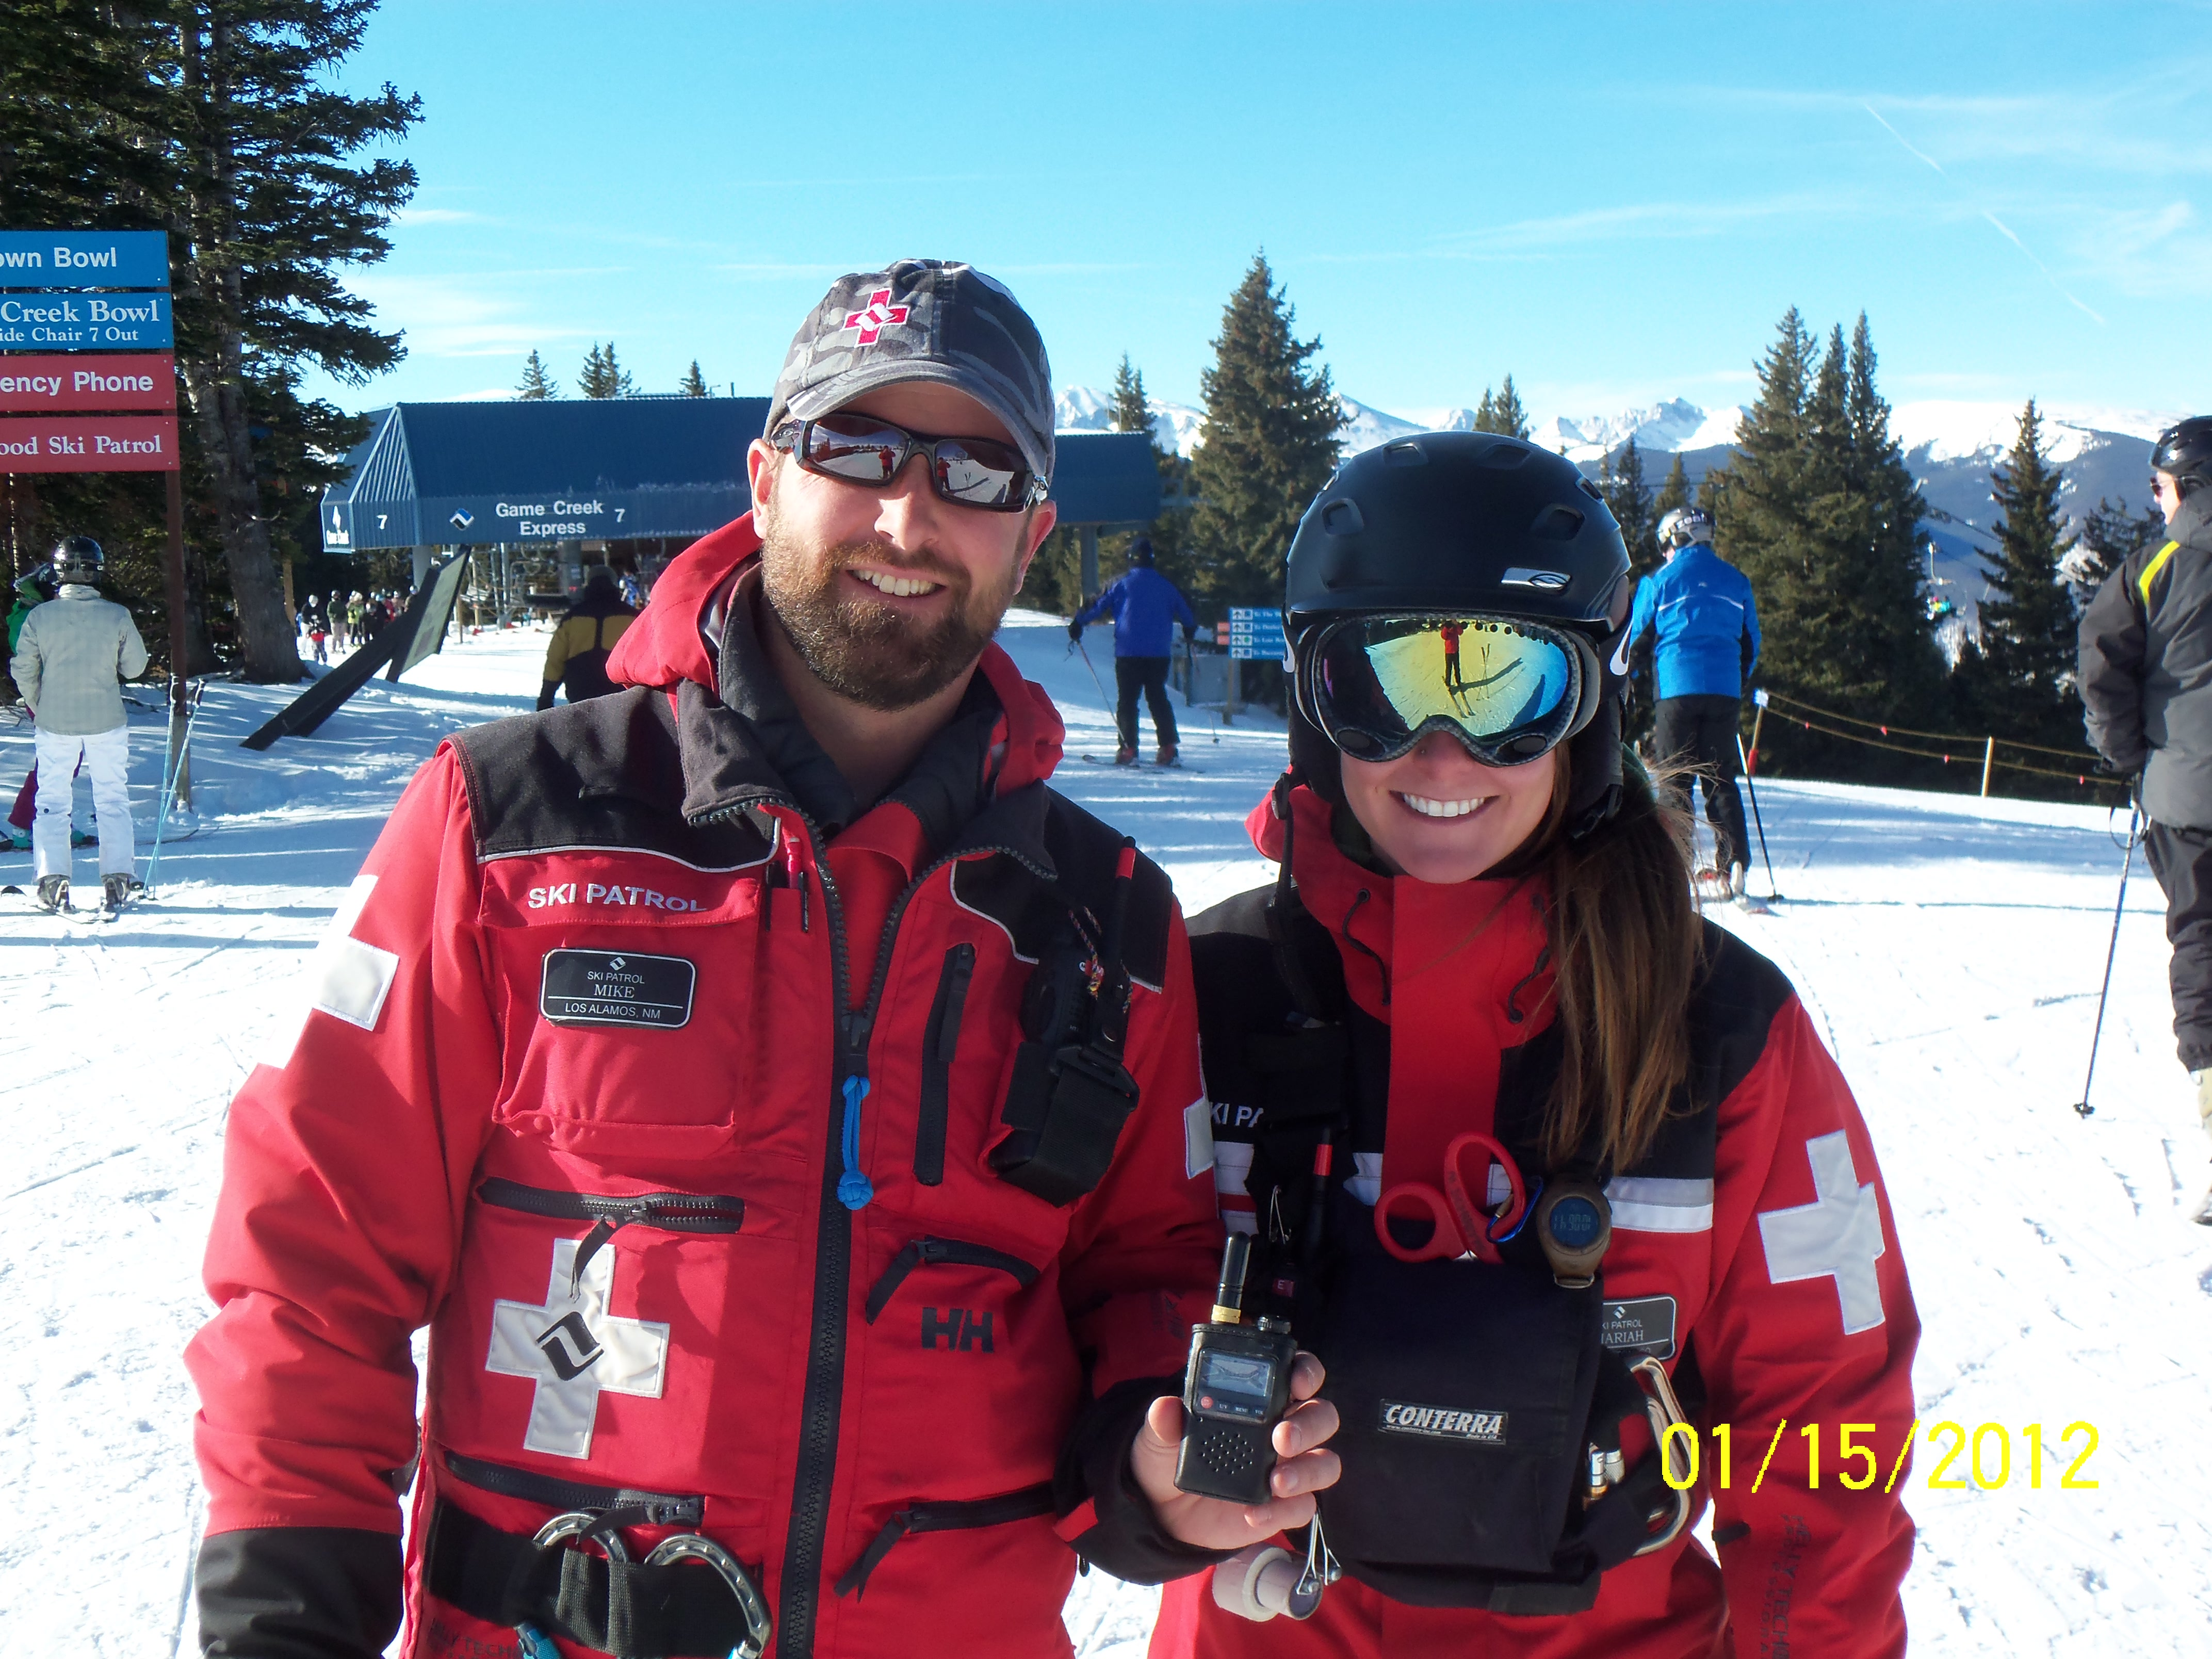 vail-ski-patrol-15jan2012.jpg